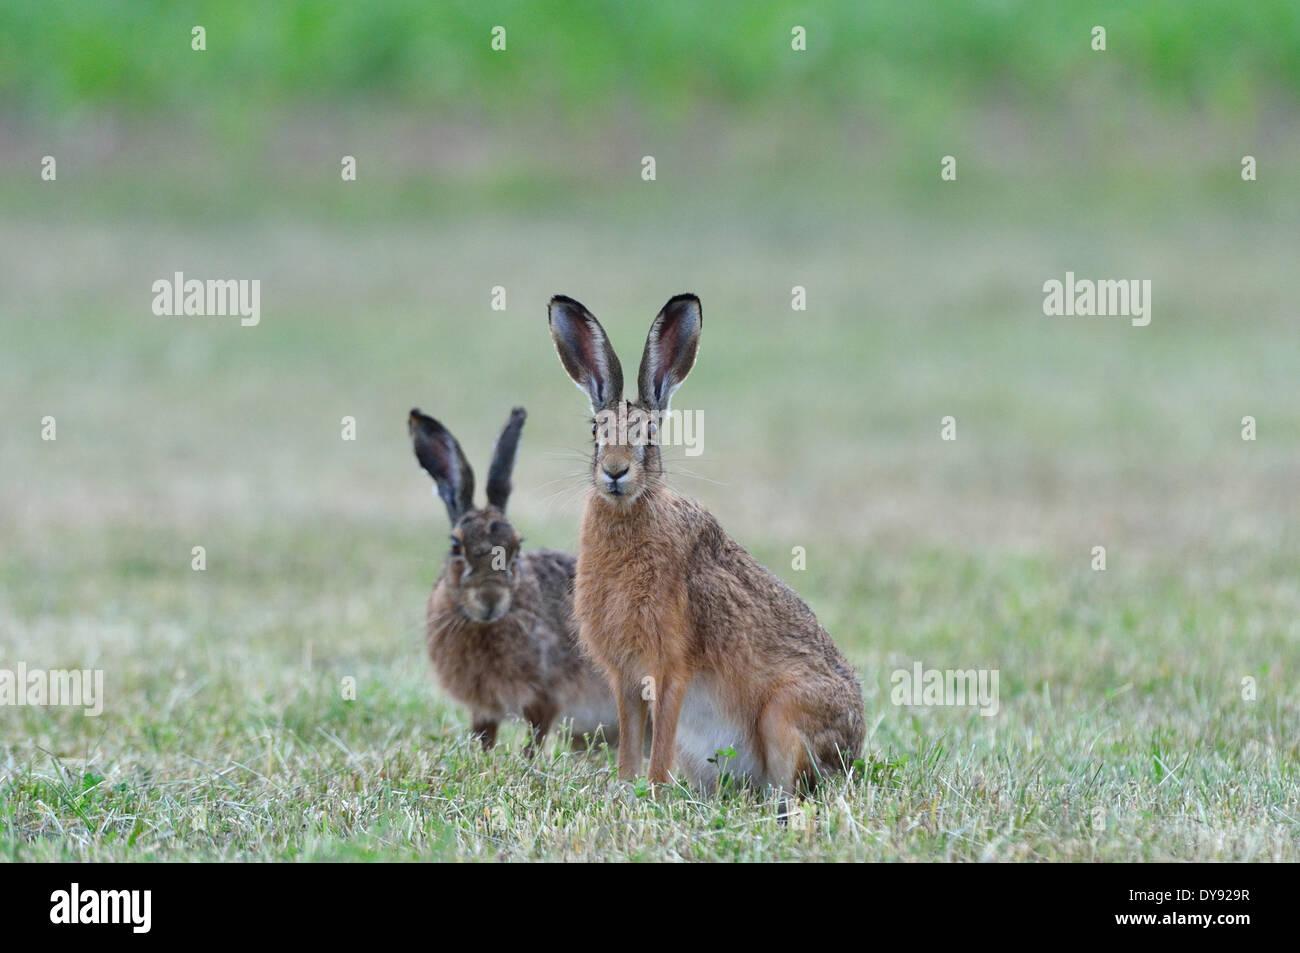 Coniglio lepre Lepus europaeus Pallas marrone coniglietto lepre lepri Conigli possono roditore natura animale selvatico animale del gioco animali in Germania, Immagini Stock